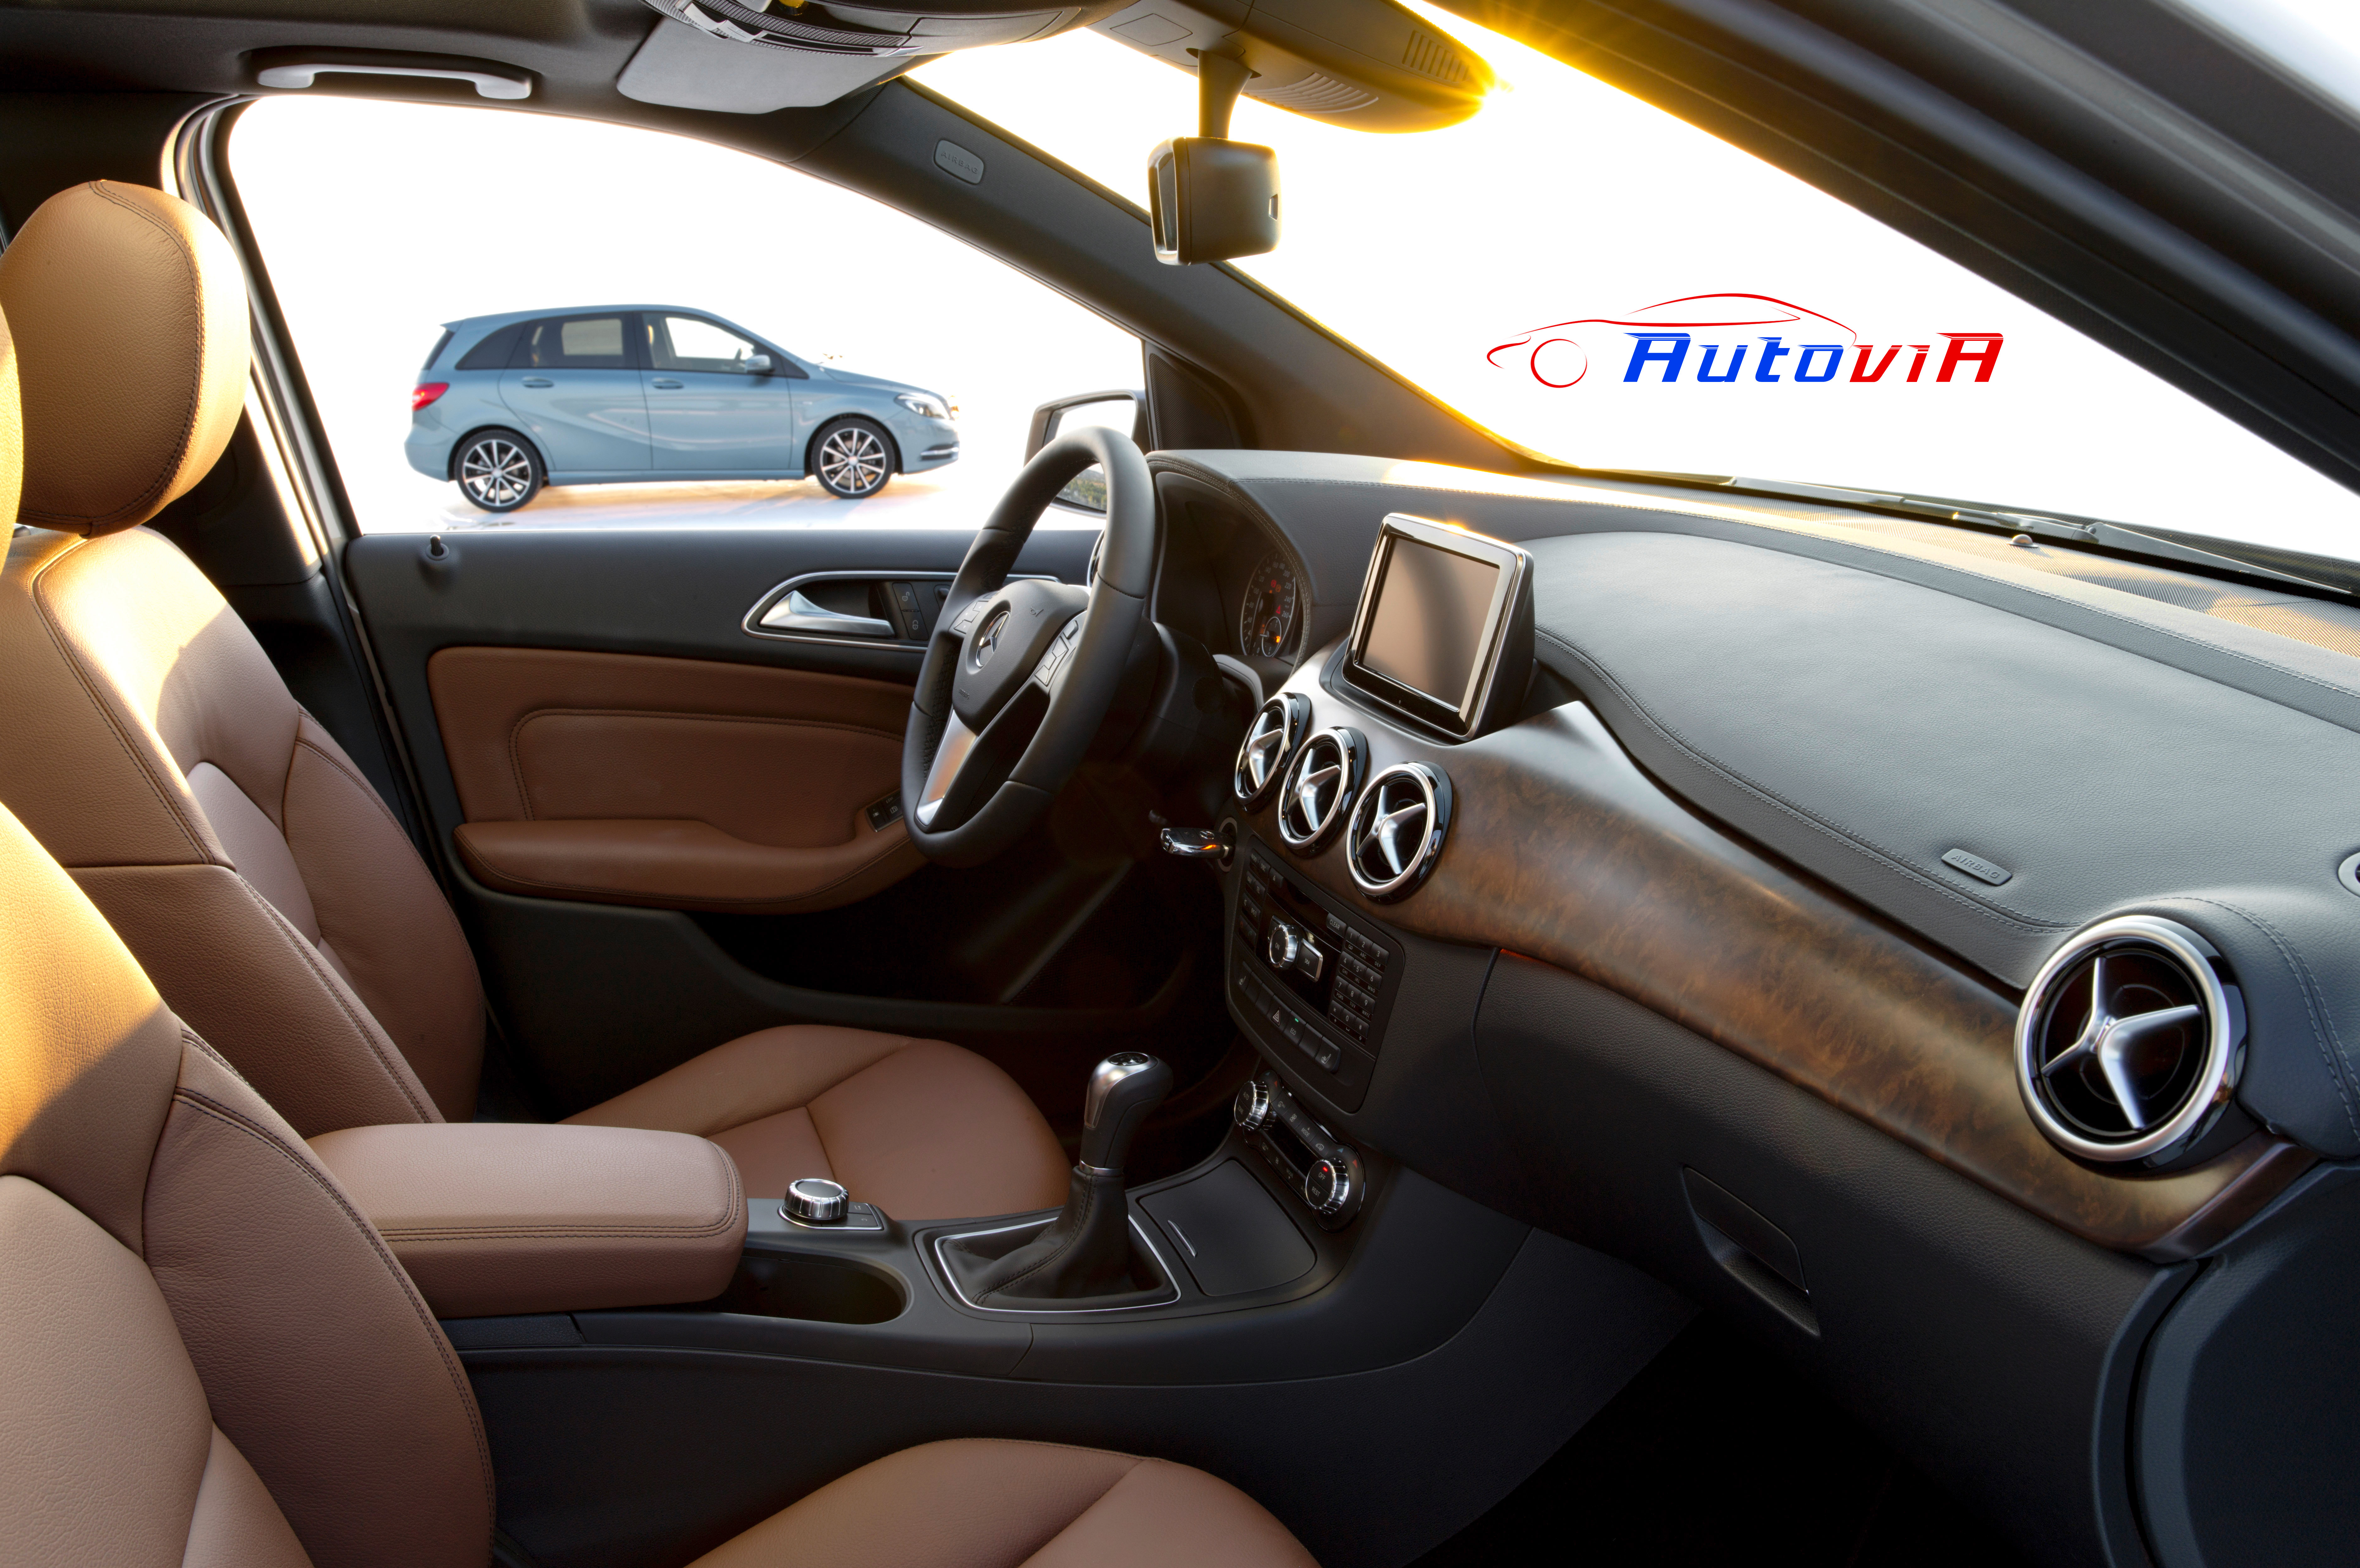 Mercedes benz clase b interior 08 for Interior mercedes clase a